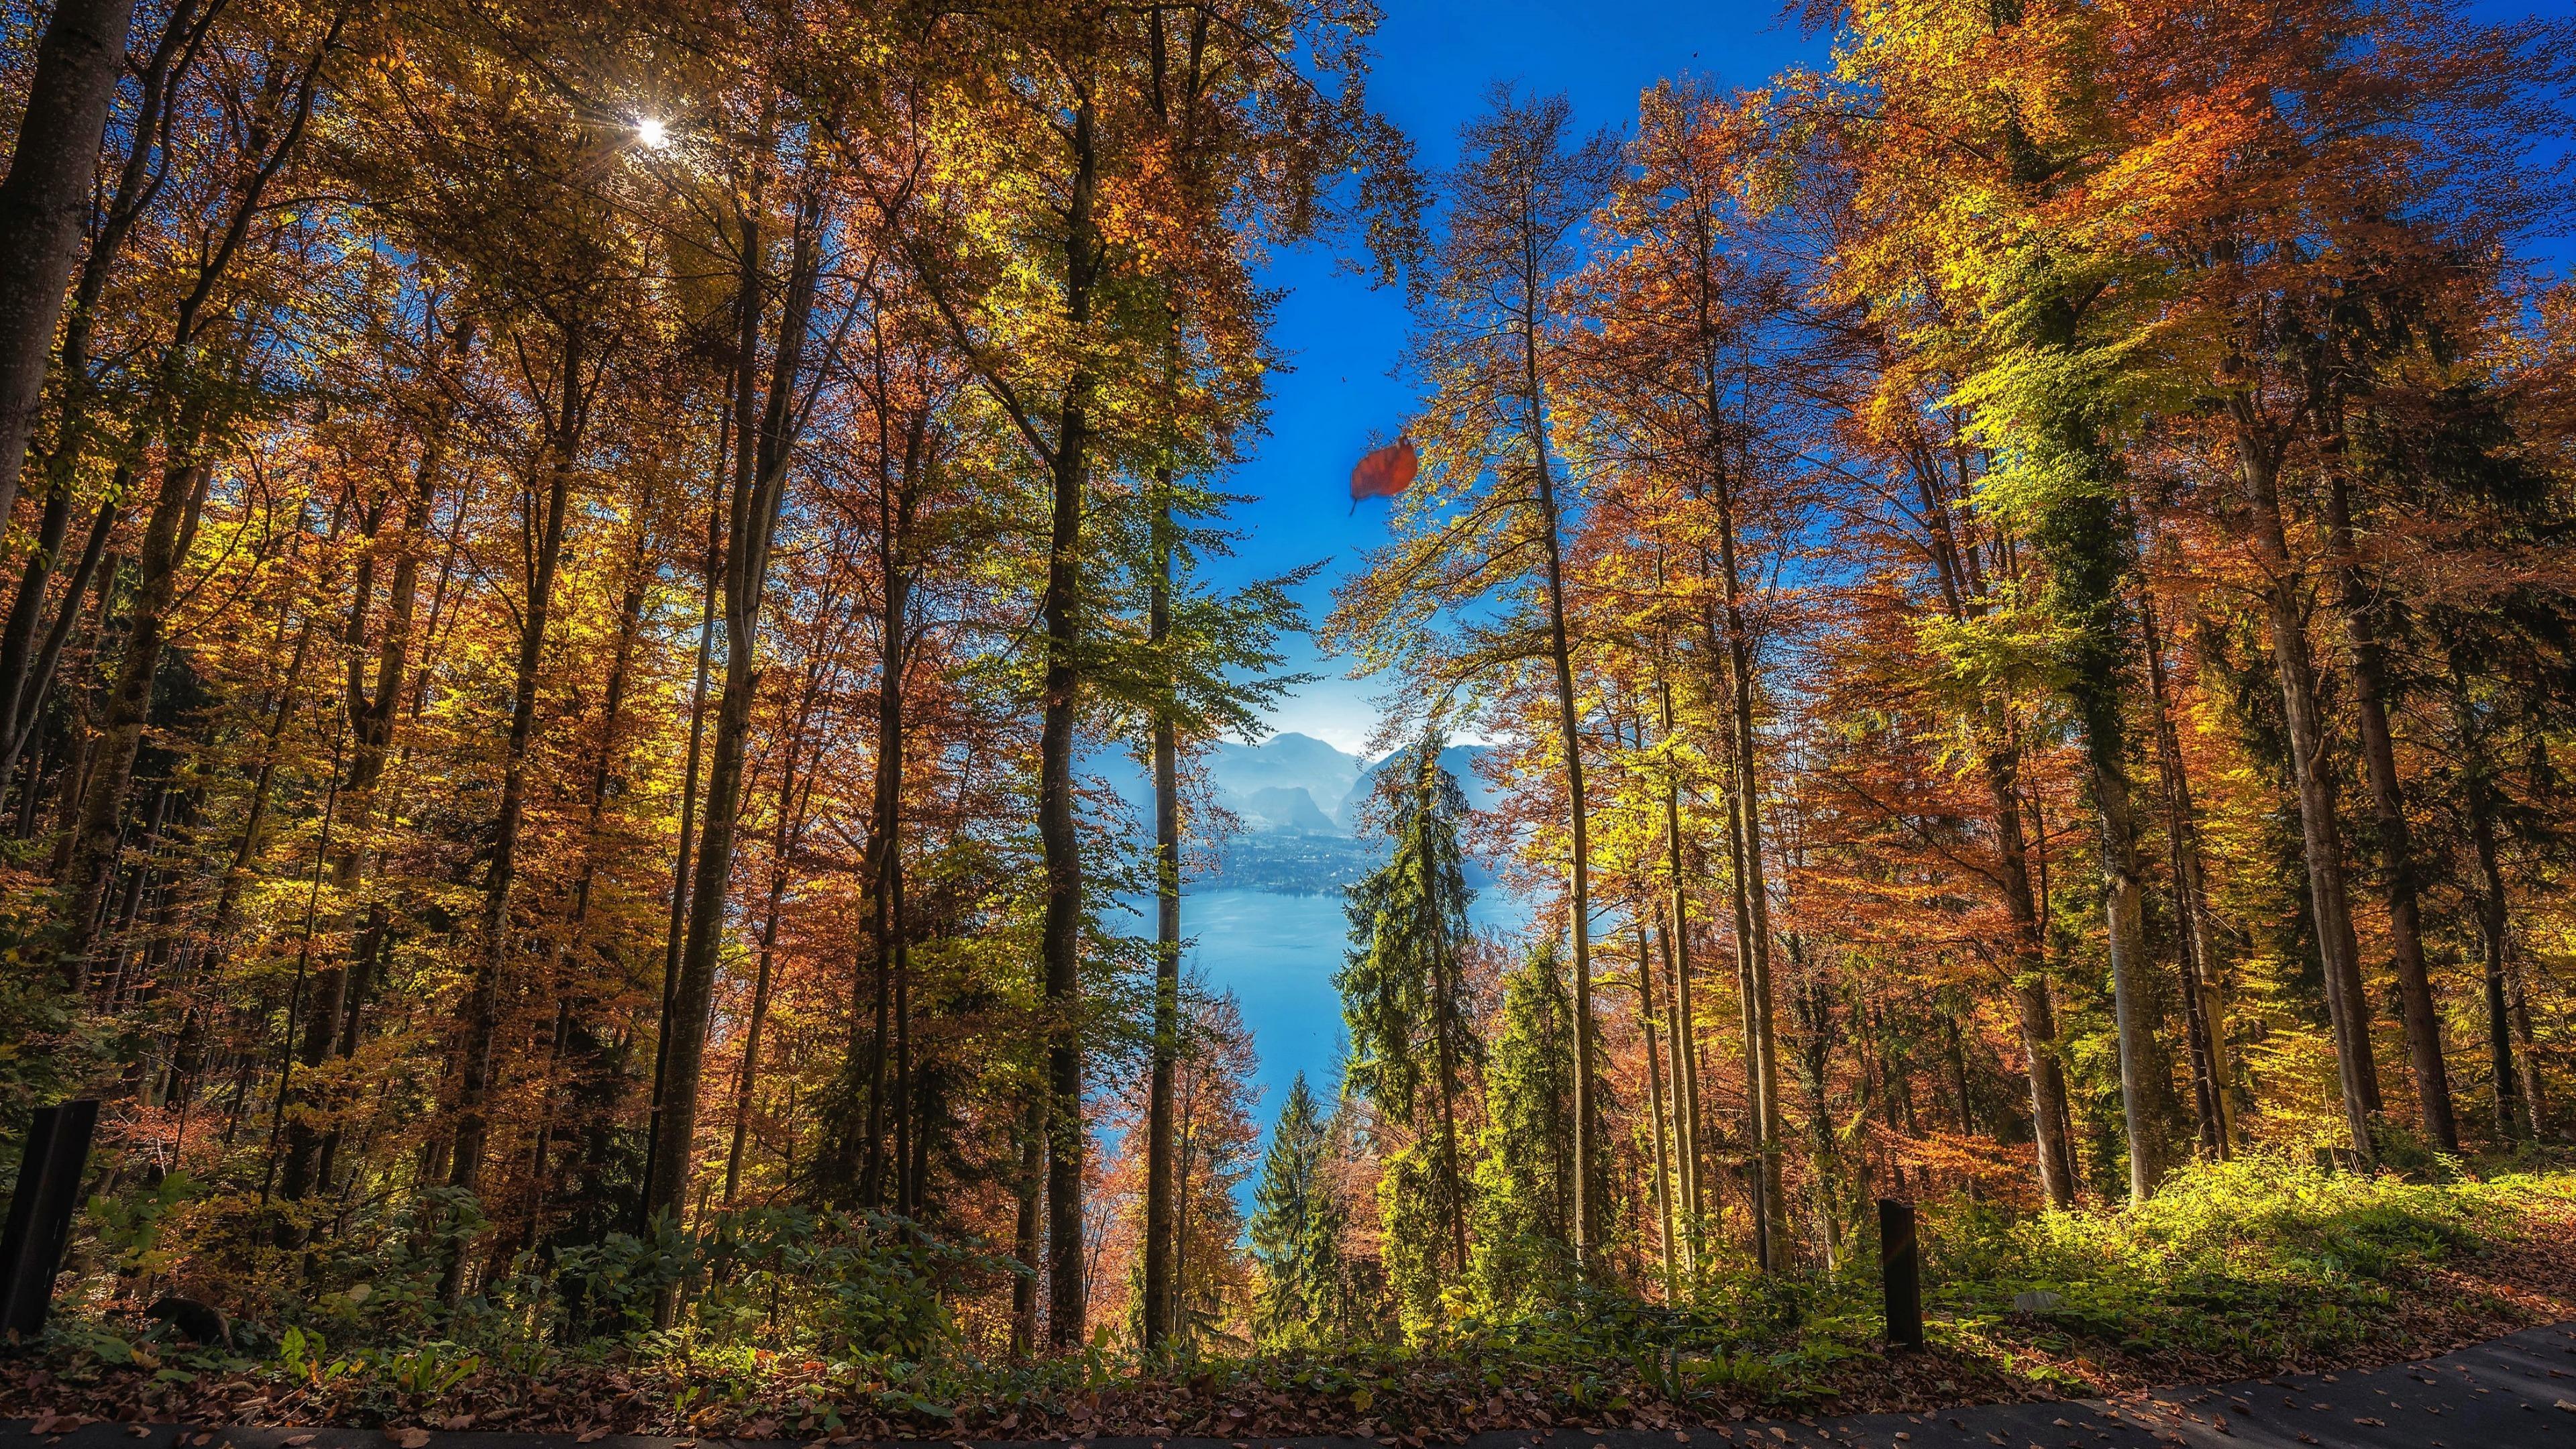 Autumn woods wallpaper